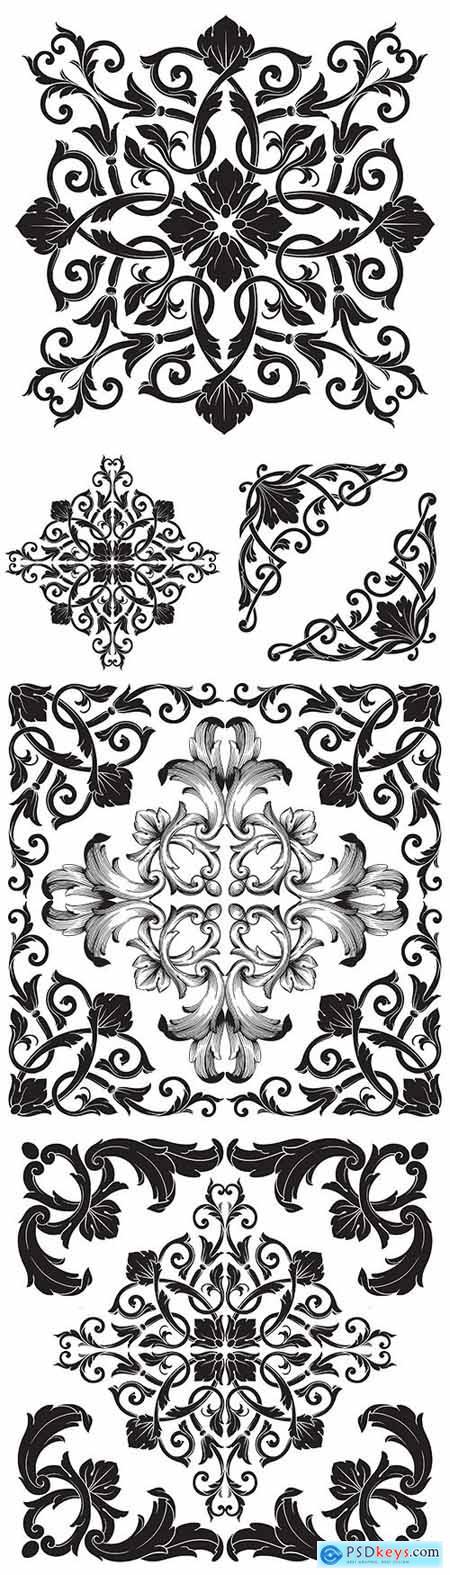 Damask decorative floral vintage pattern design illustrations